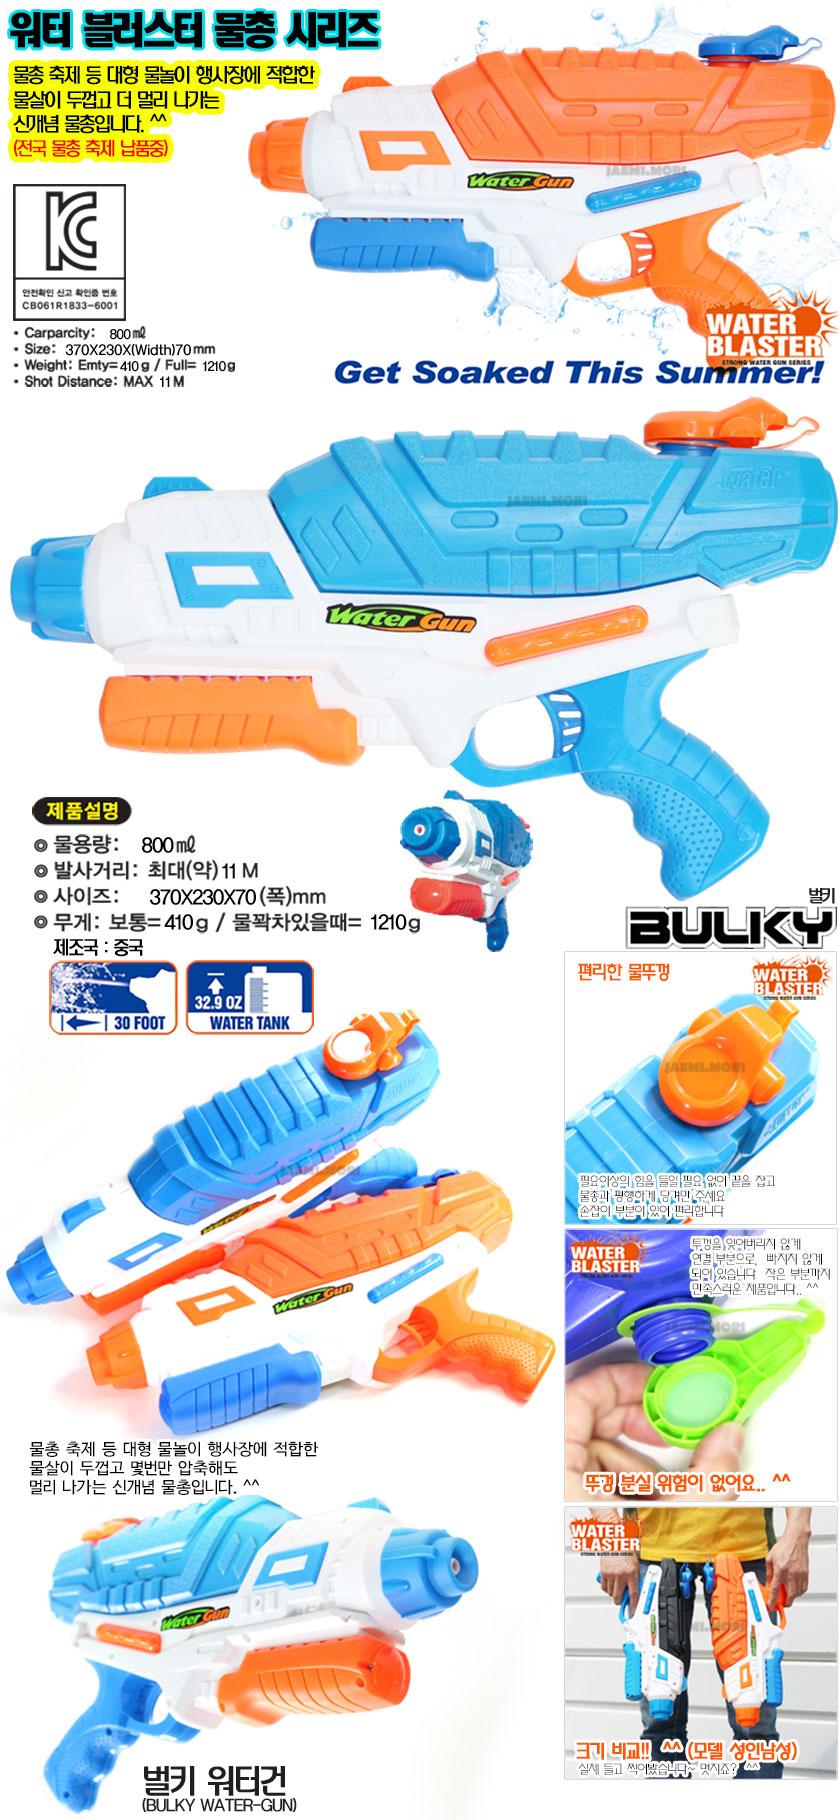 벌키물총-1